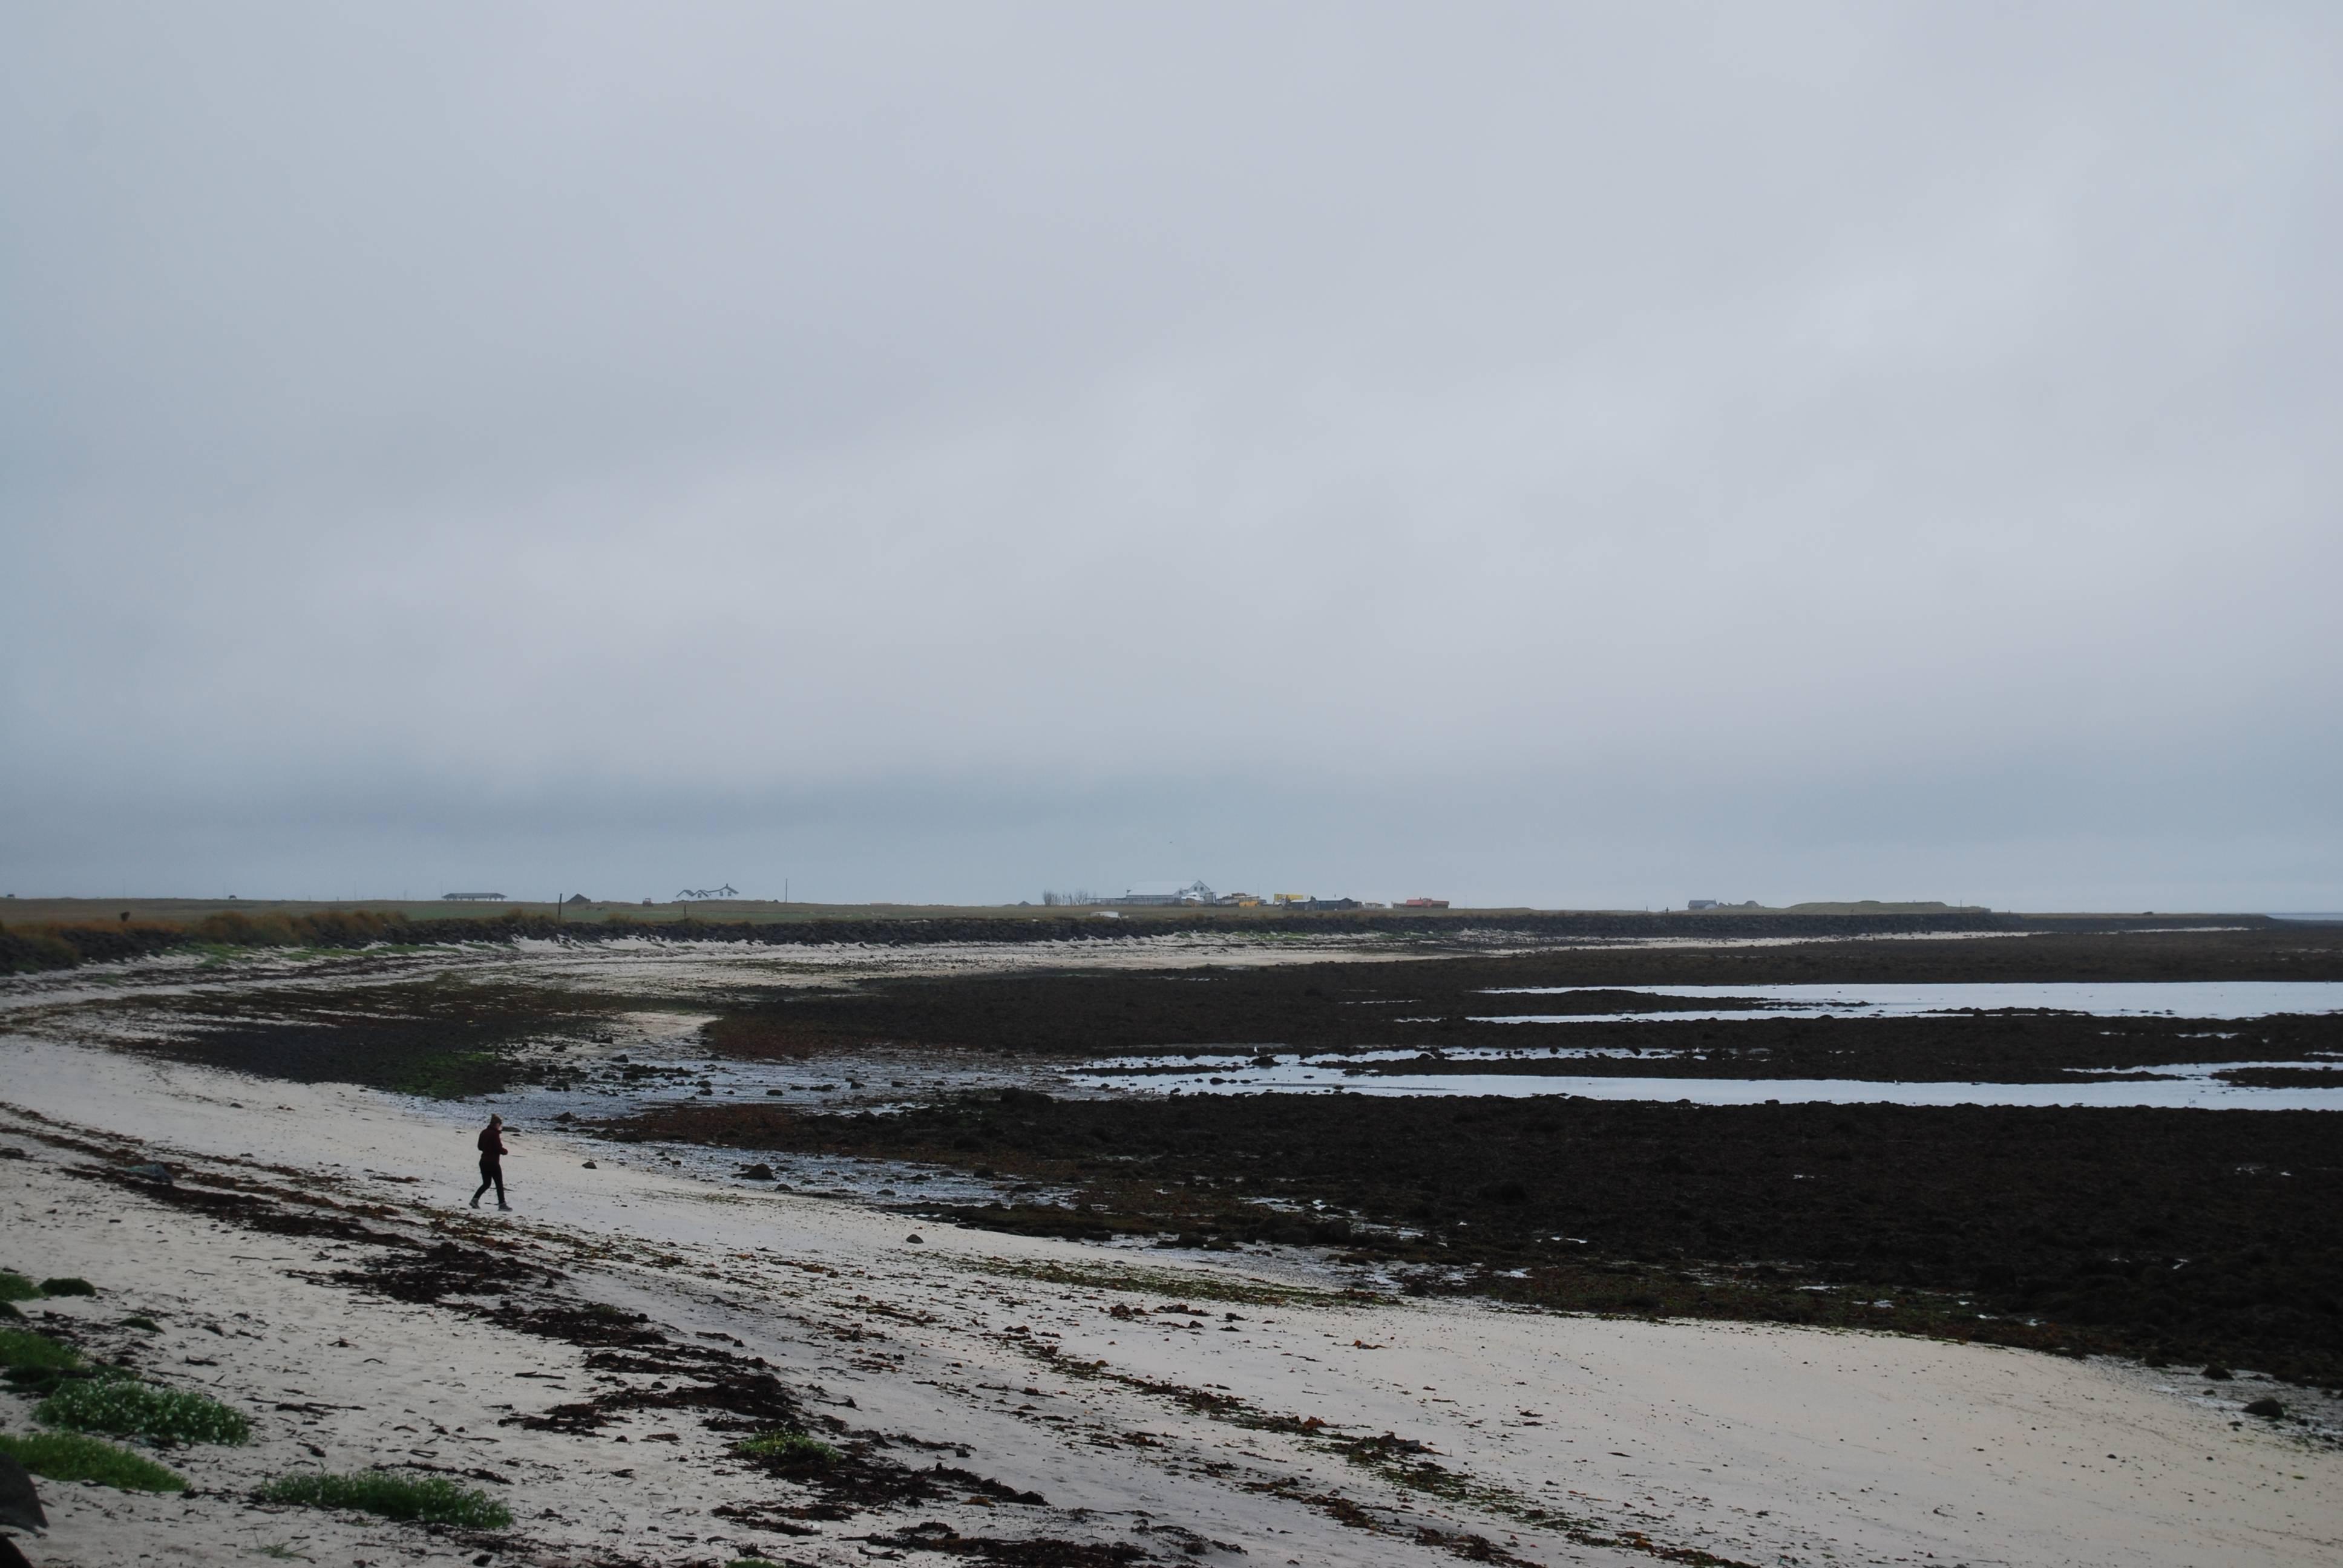 Photo 3: La péninsule de Reykjanes